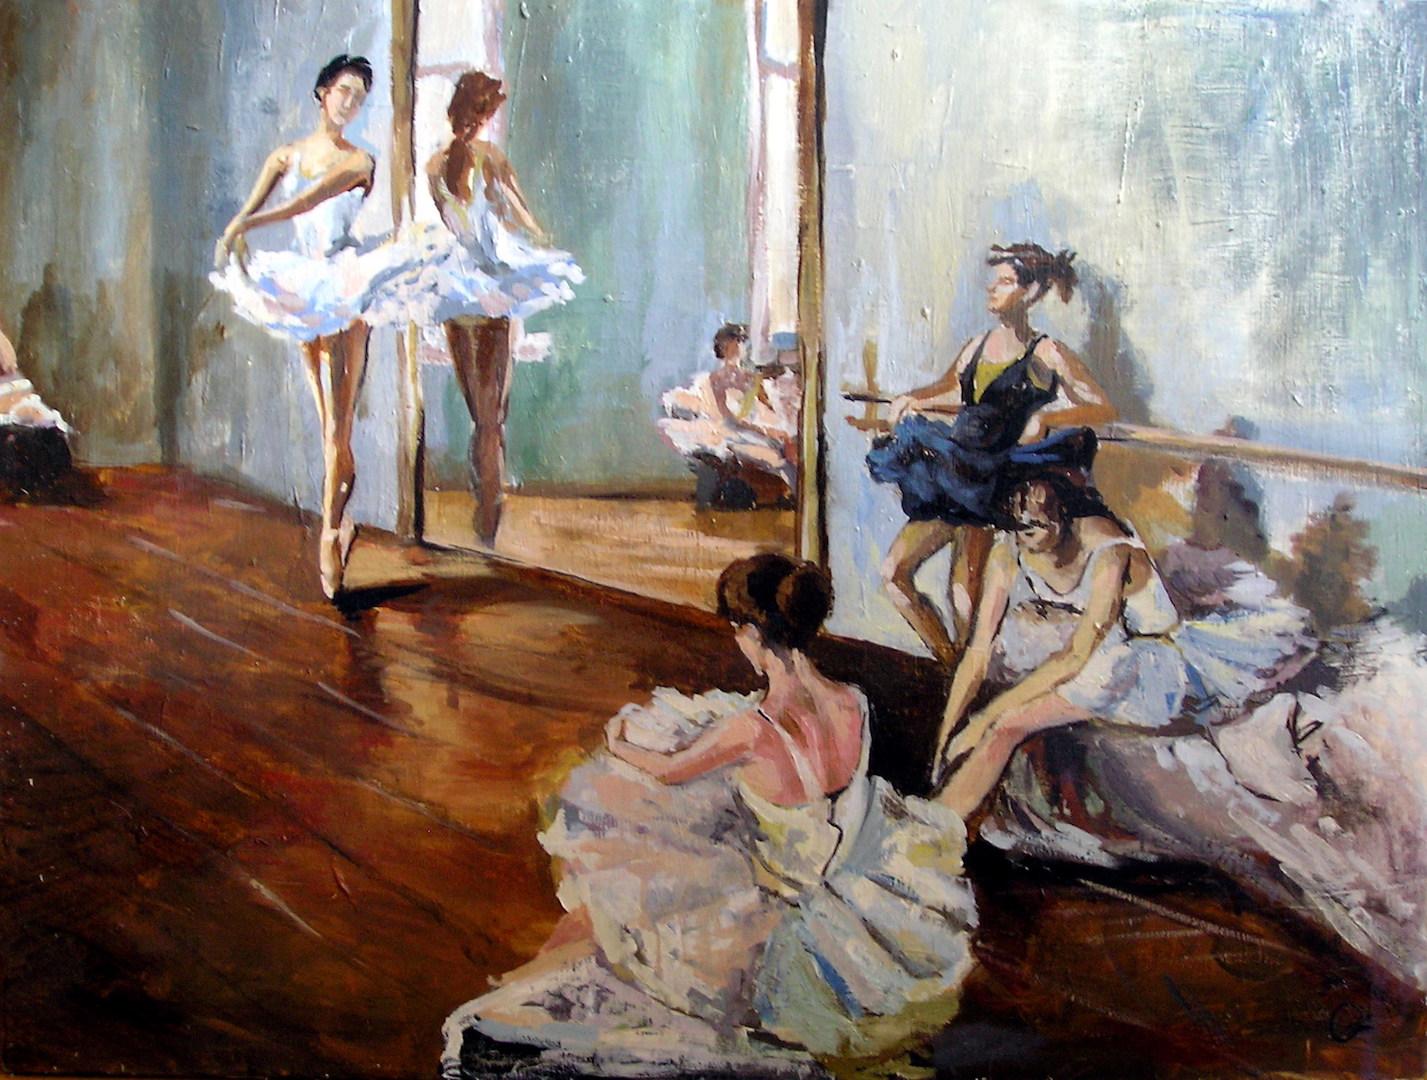 Ballet Class. Oil, canvas 2009